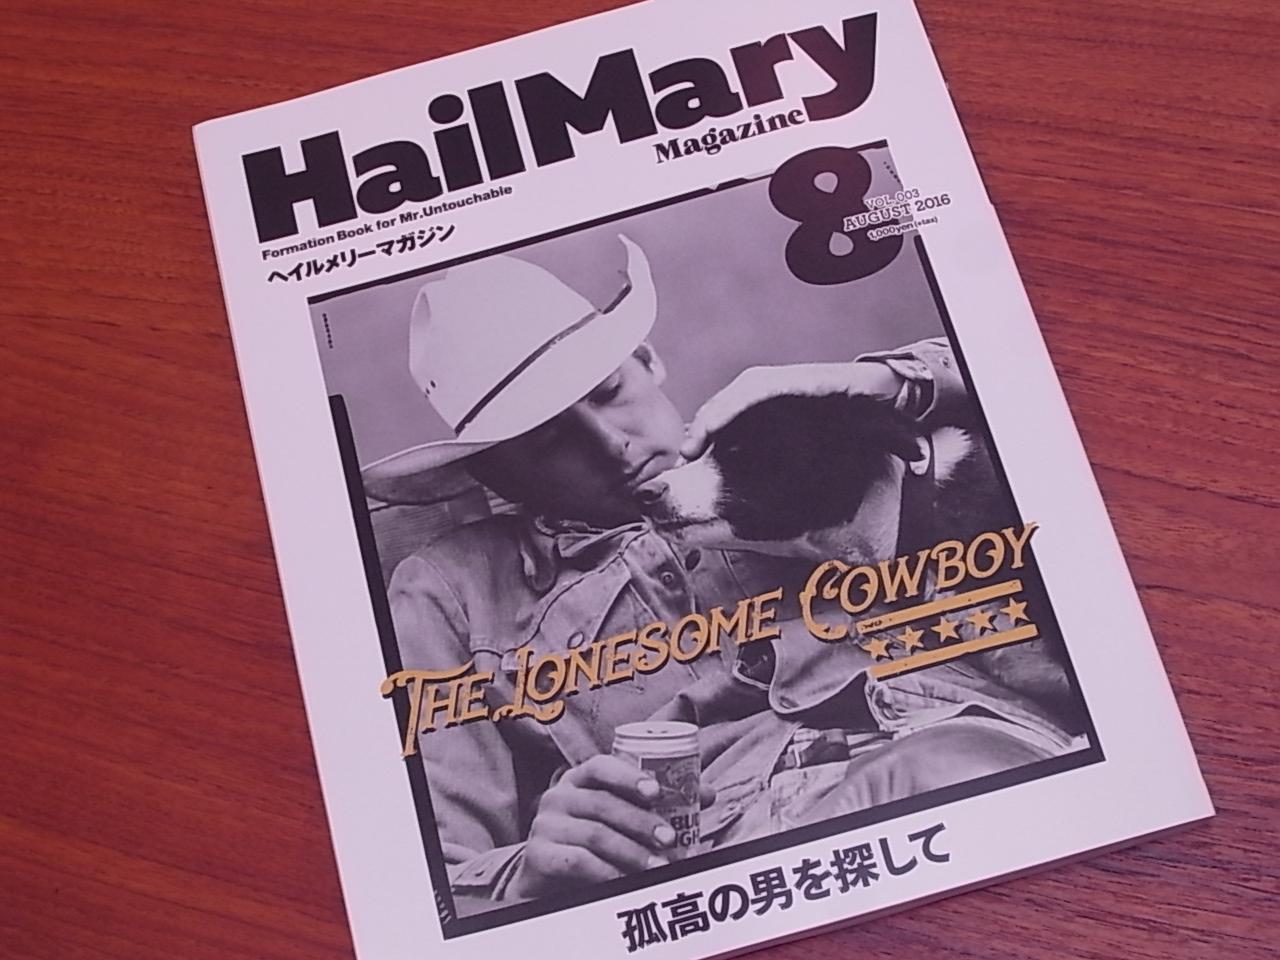 ヘイルメリーマガジン8月号に当店が紹介されました